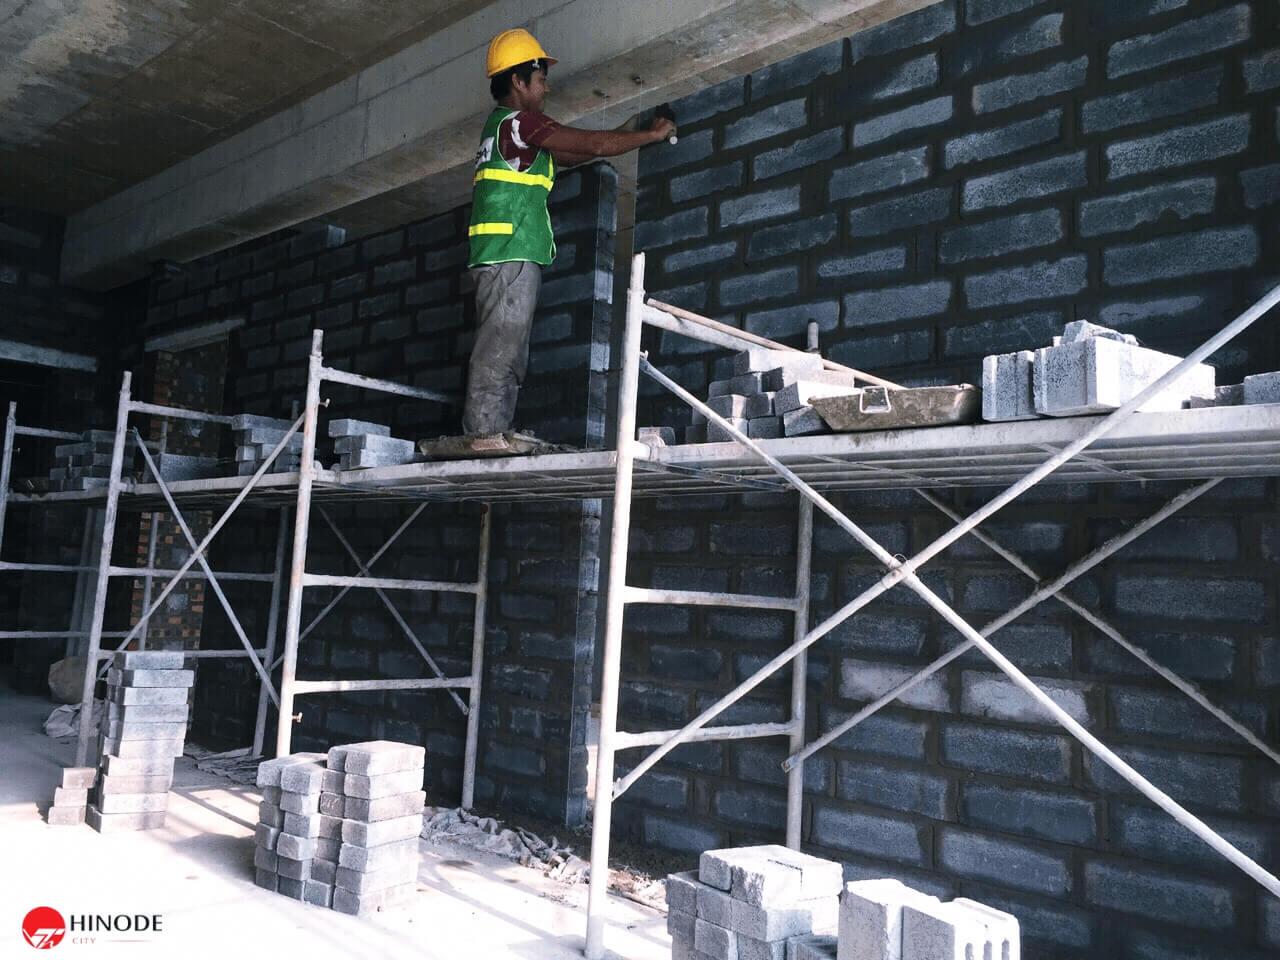 Bên trong công trường xây dựng dự án Hinode City Minh Khai